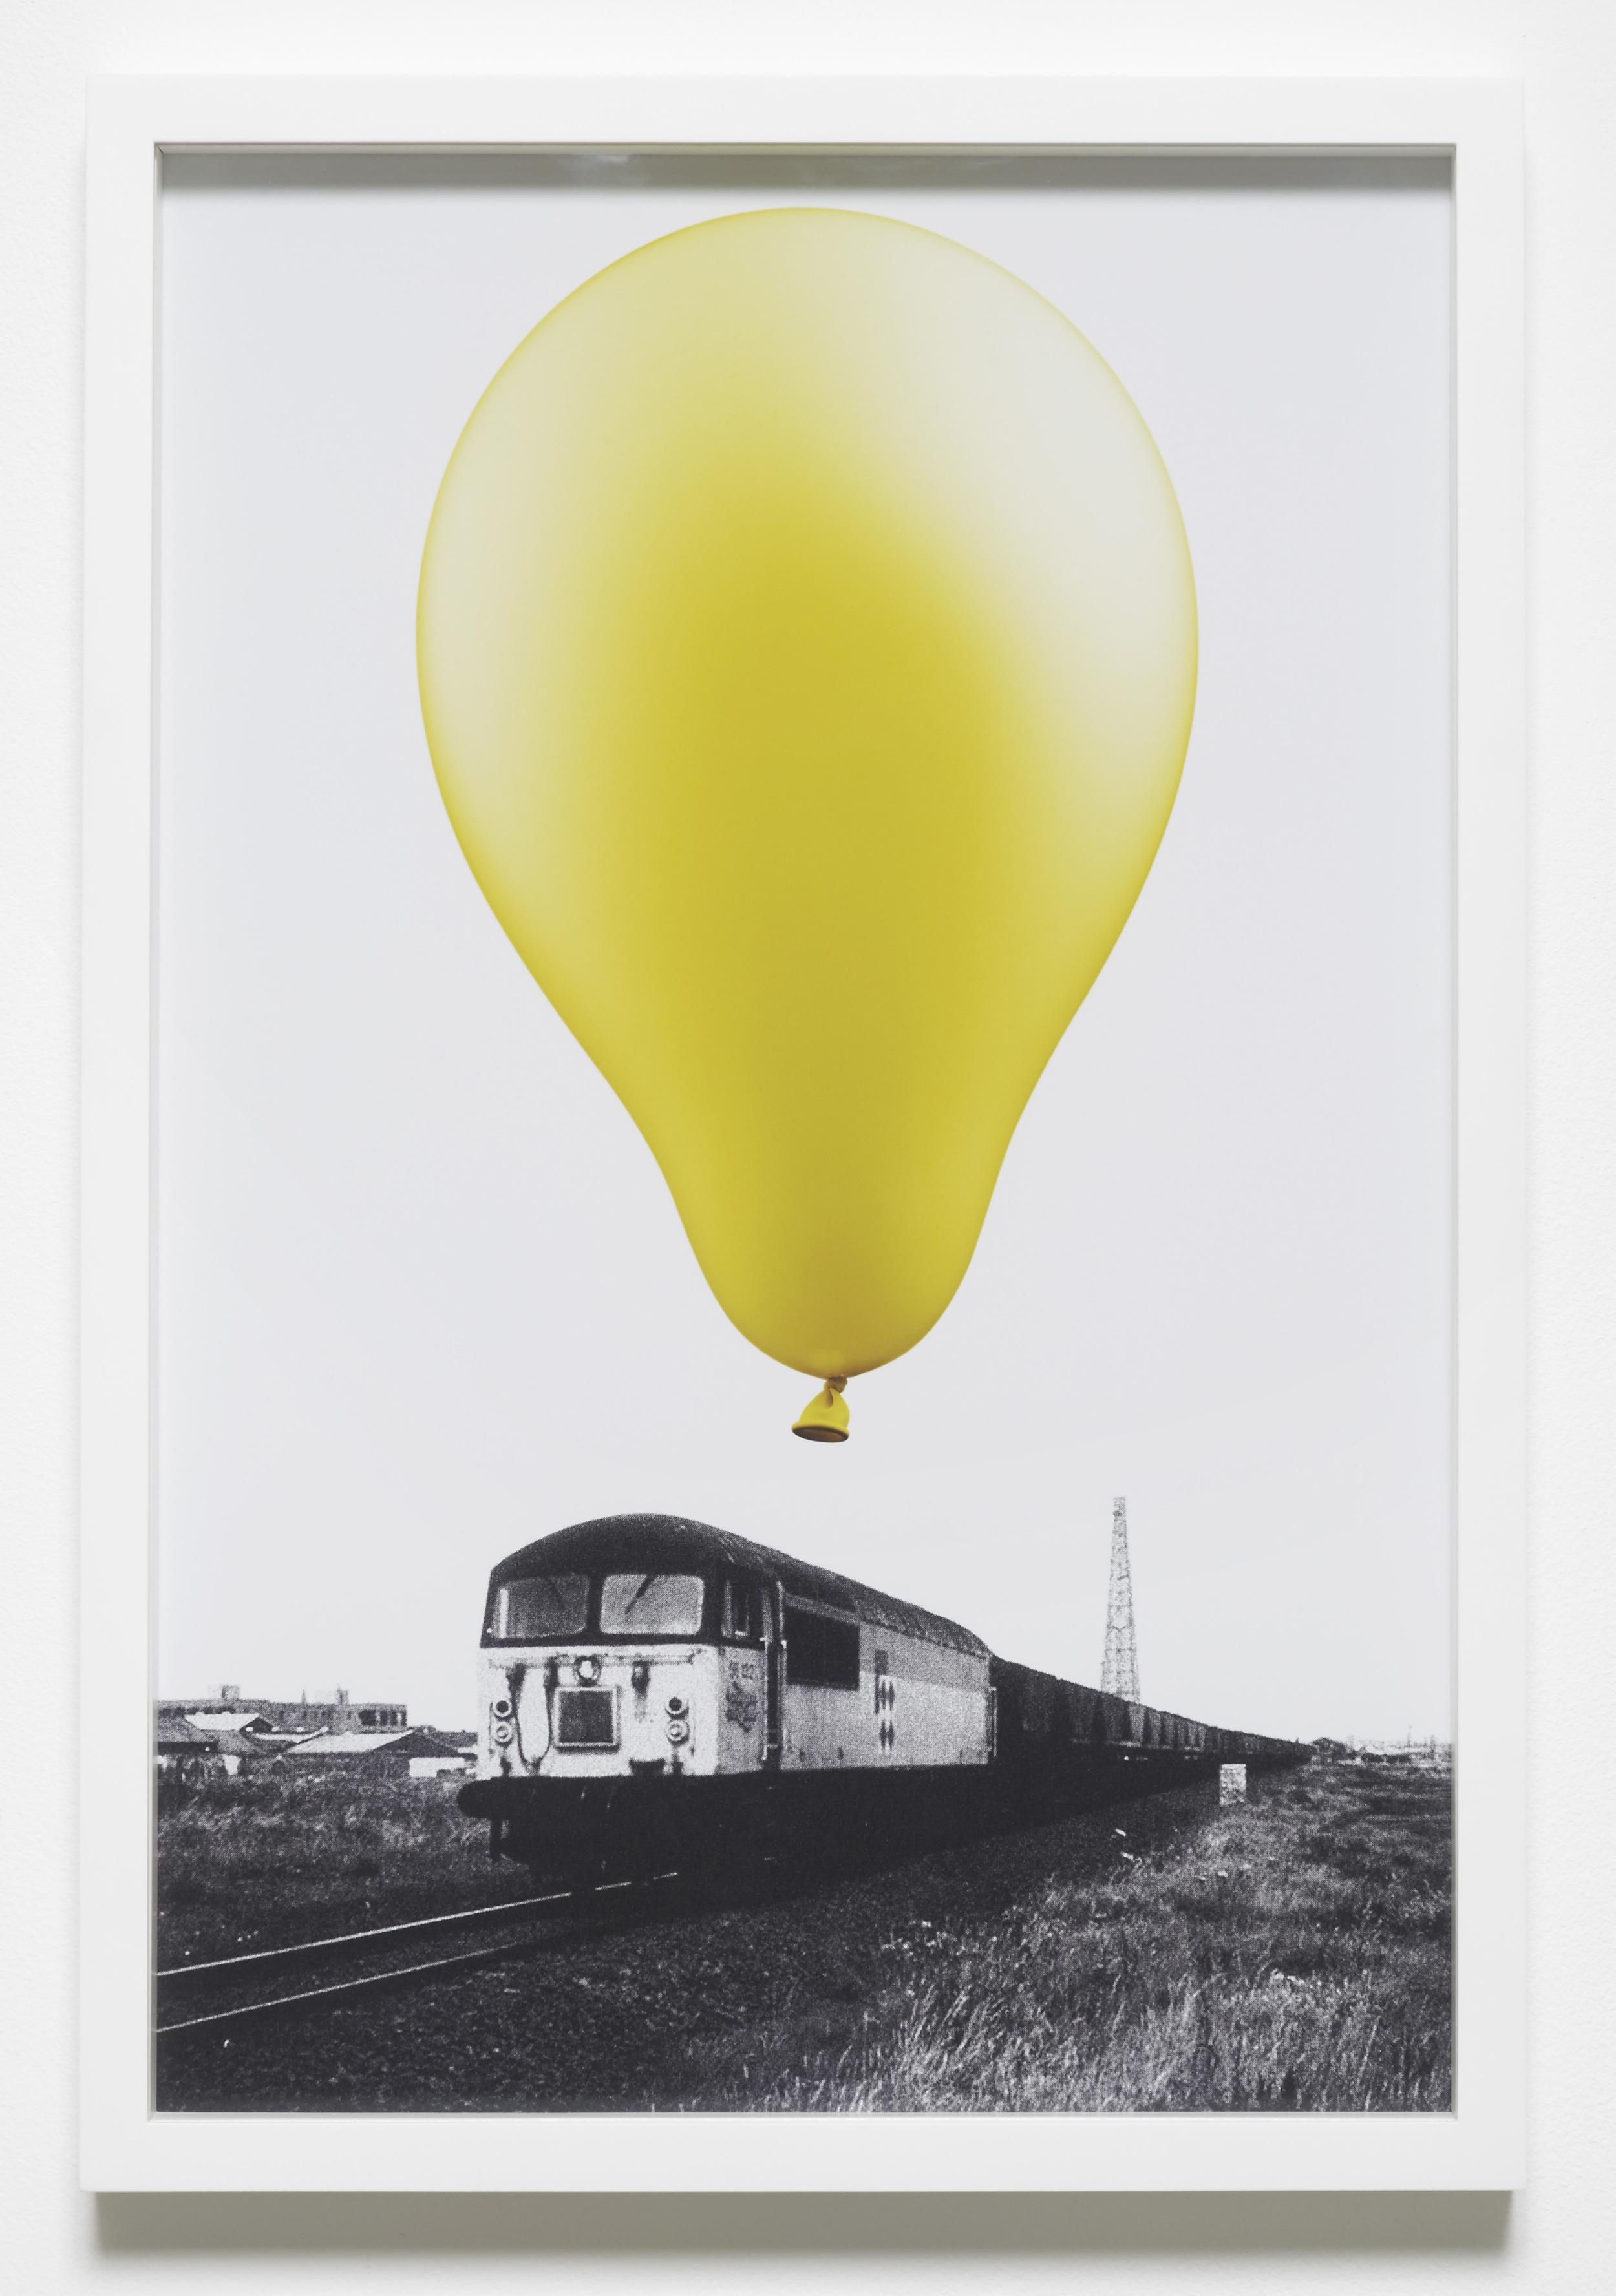 A Balloon for Britain   2012   Digital print   45 x 30 cm / 17.7 x 11.8 in